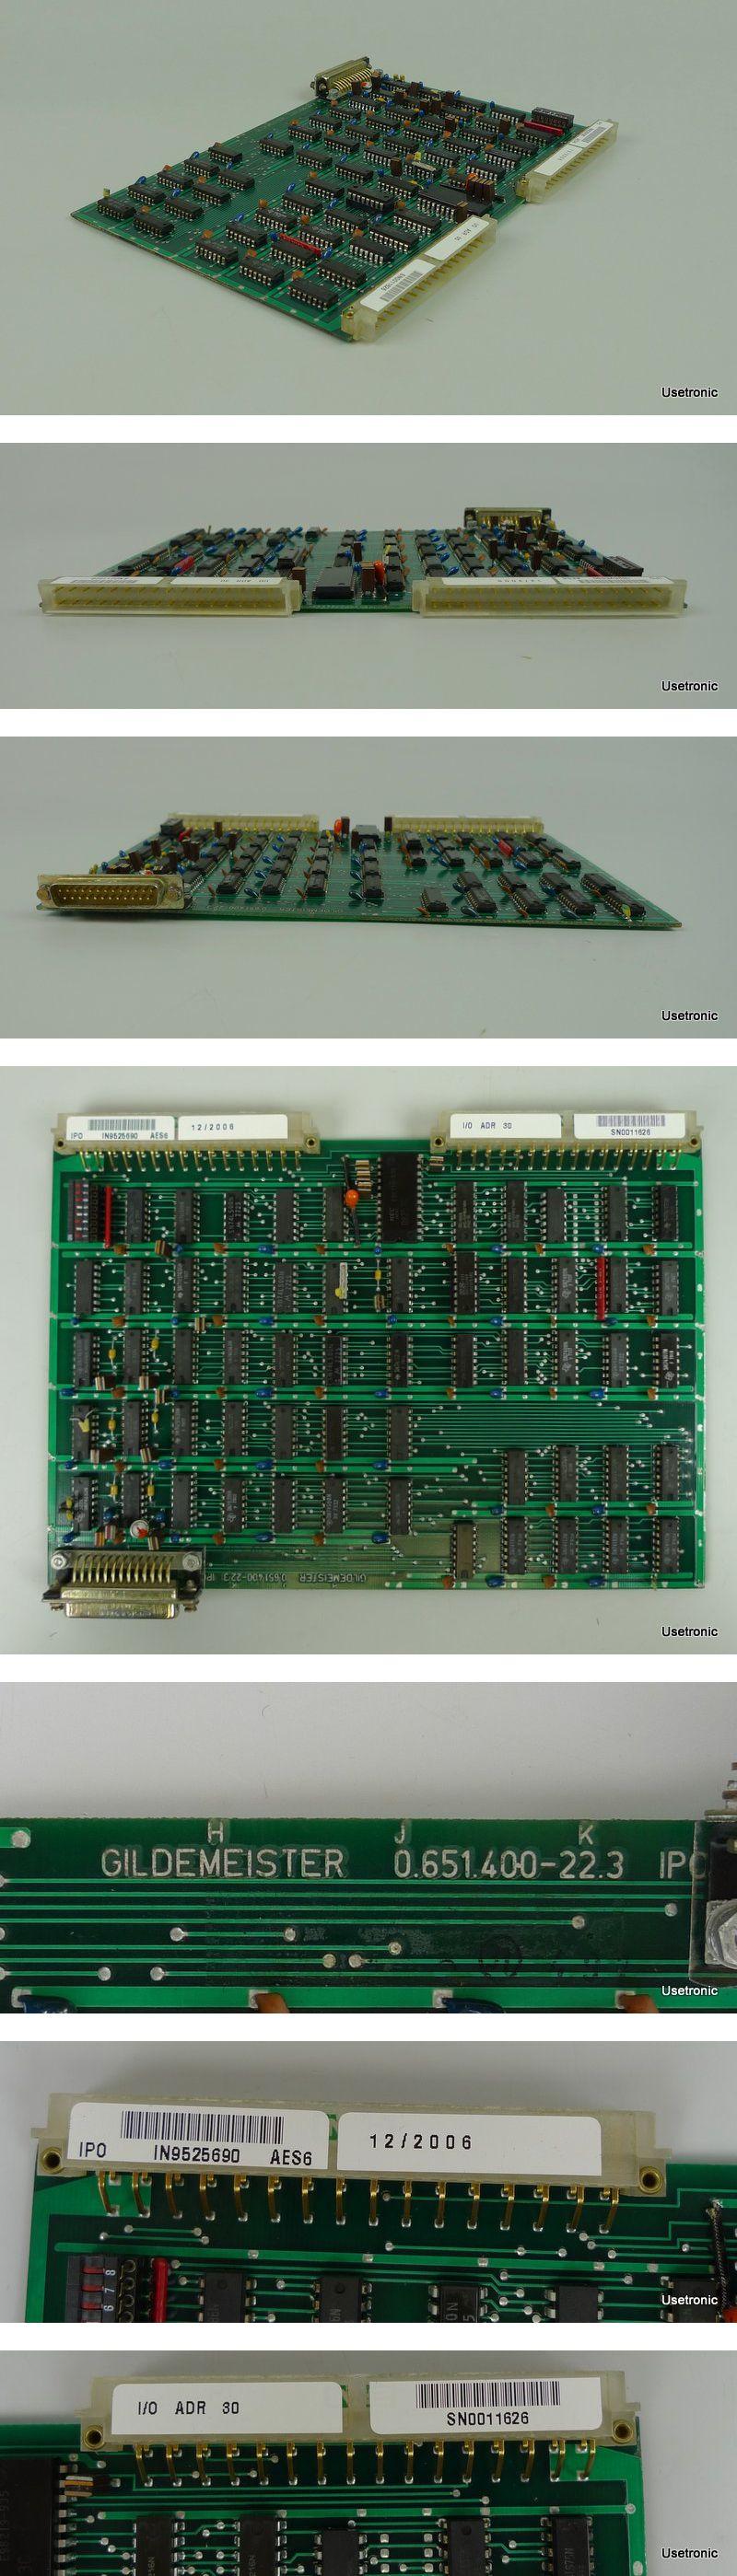 Gildemeister 0.651.400-22.3 IPC